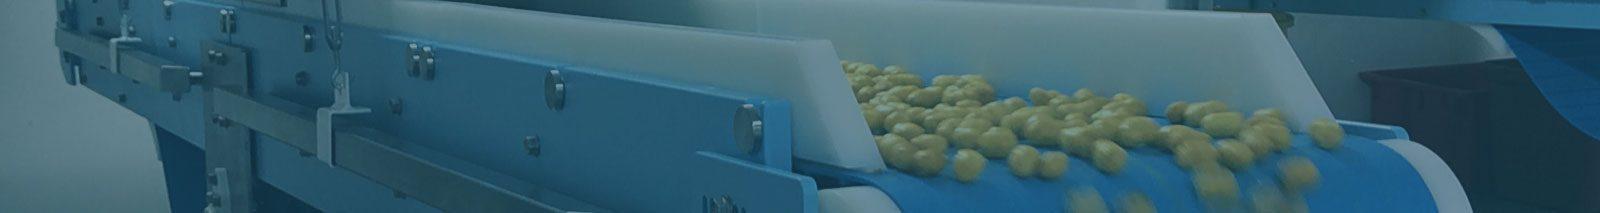 DynaClean Food Conveyors